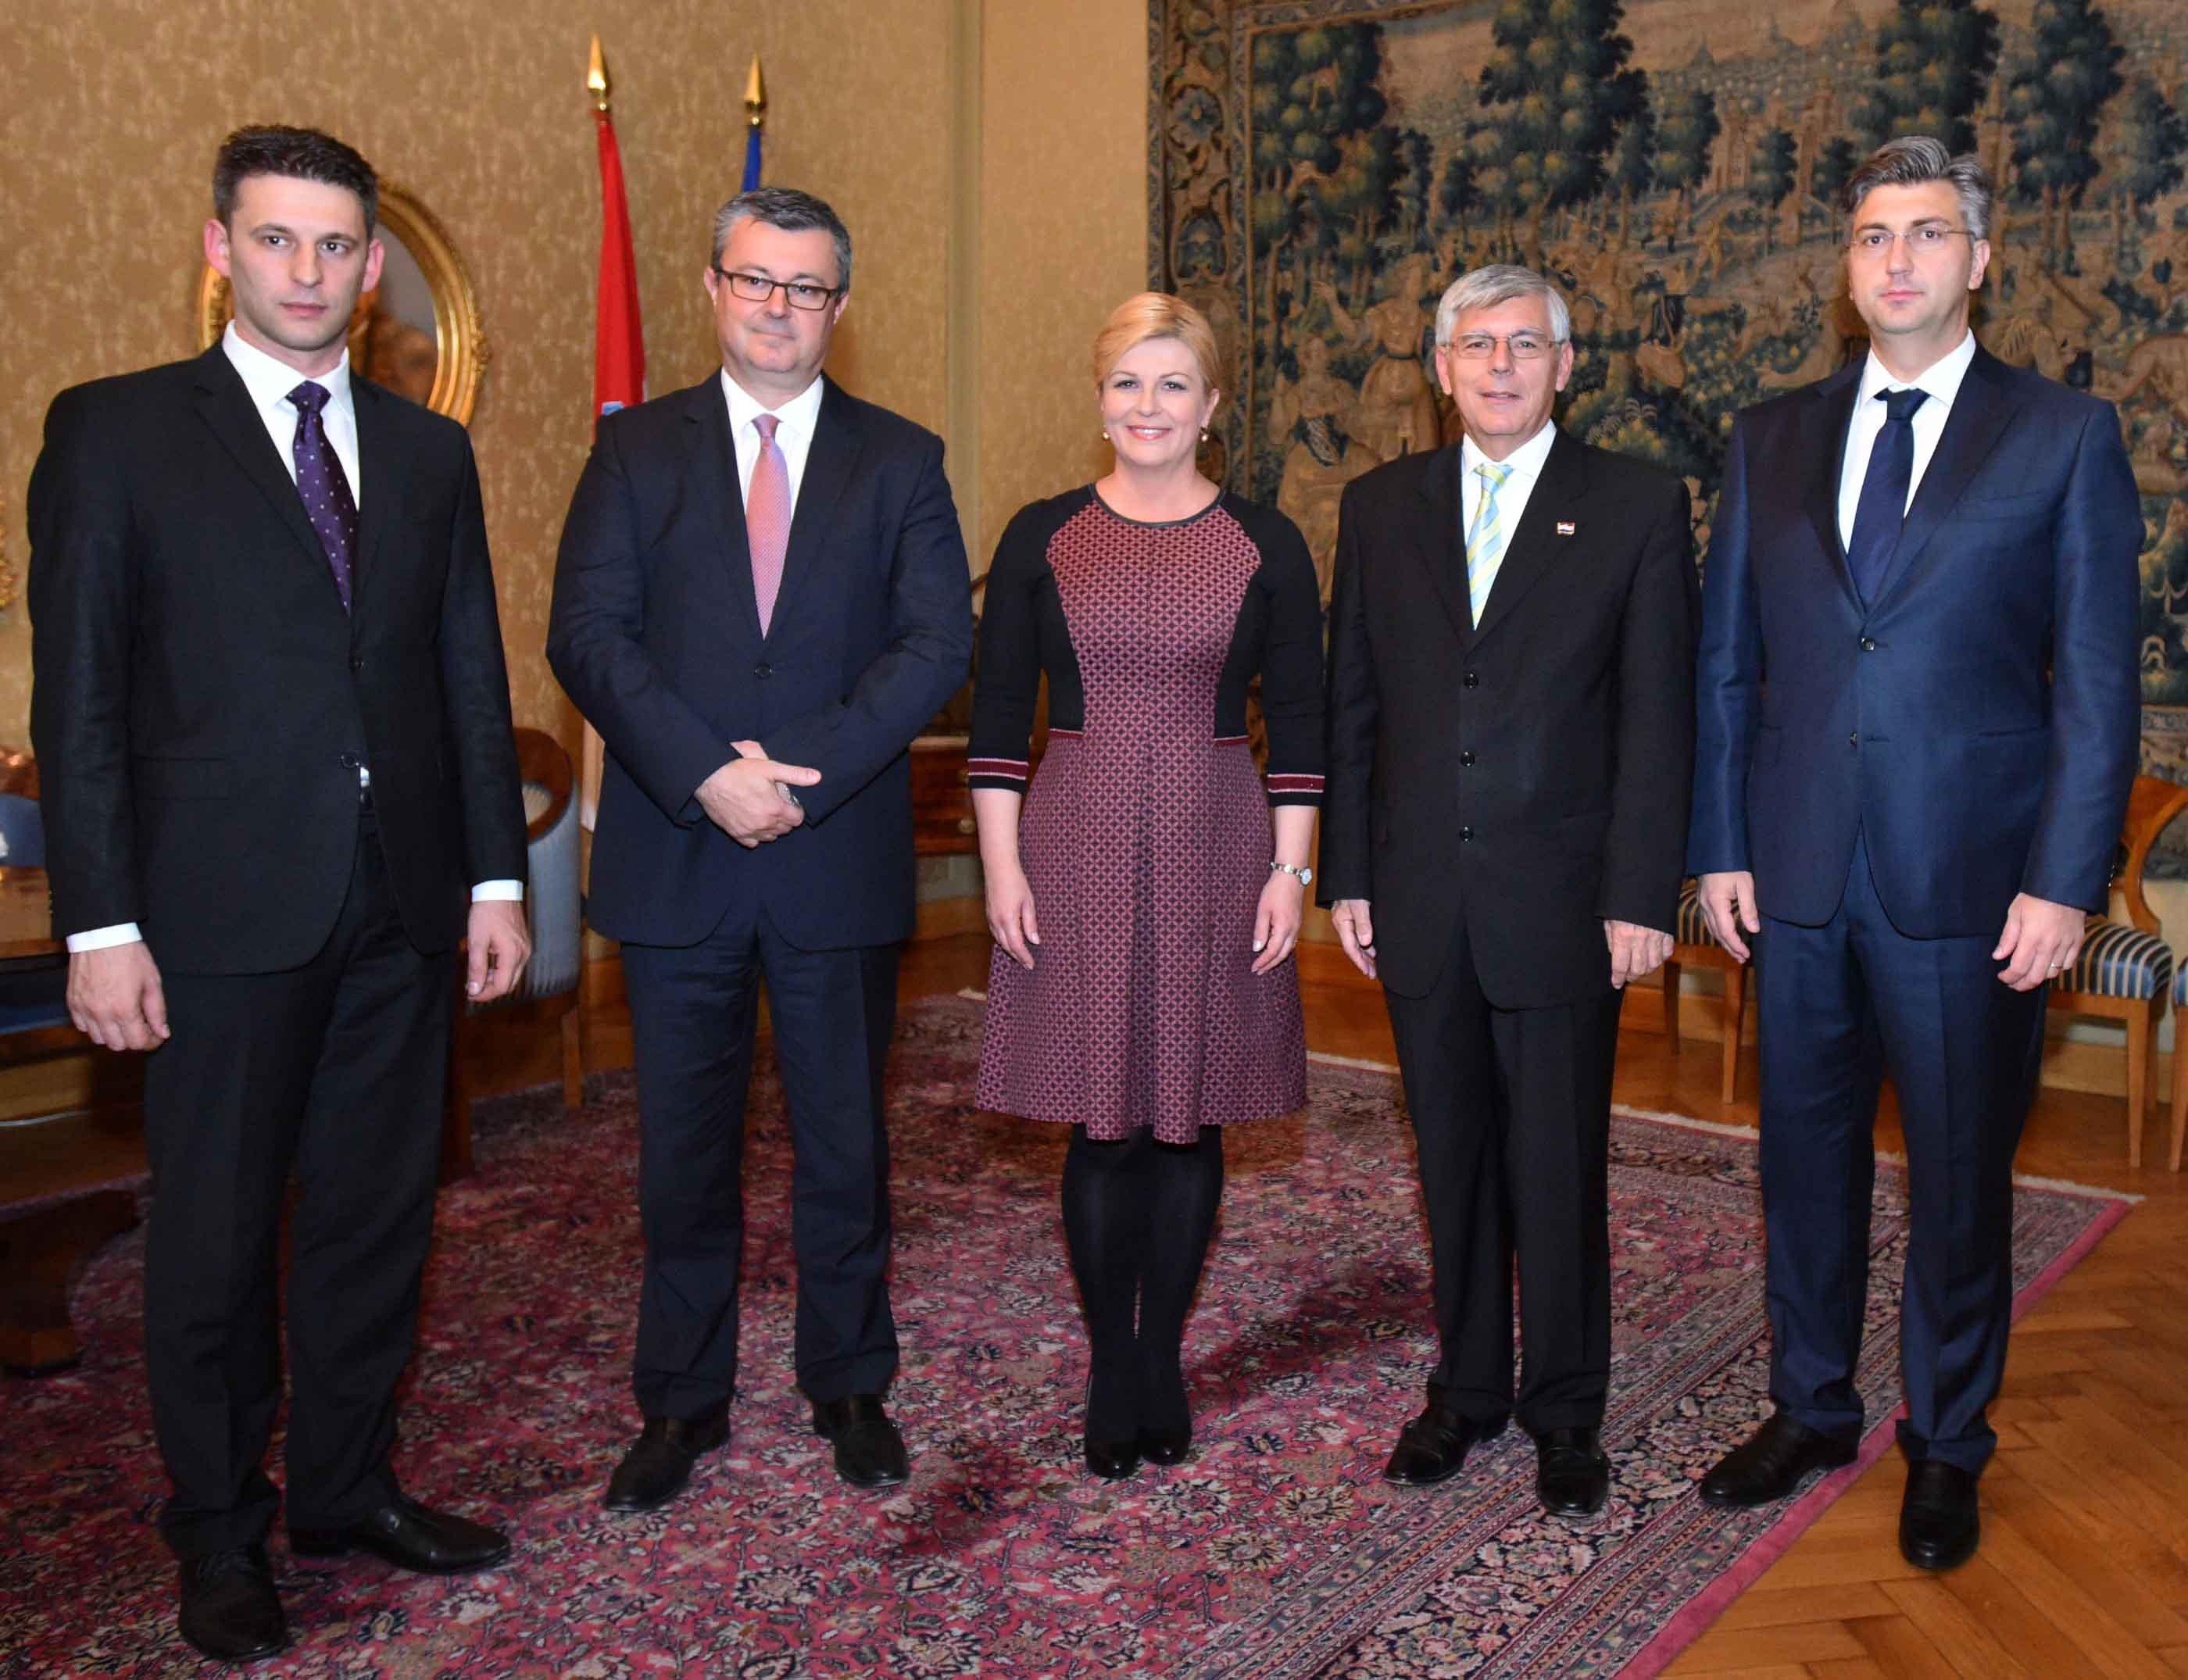 Predsjednica Republike na konstituirajućoj sjednici Hrvatskog sabora